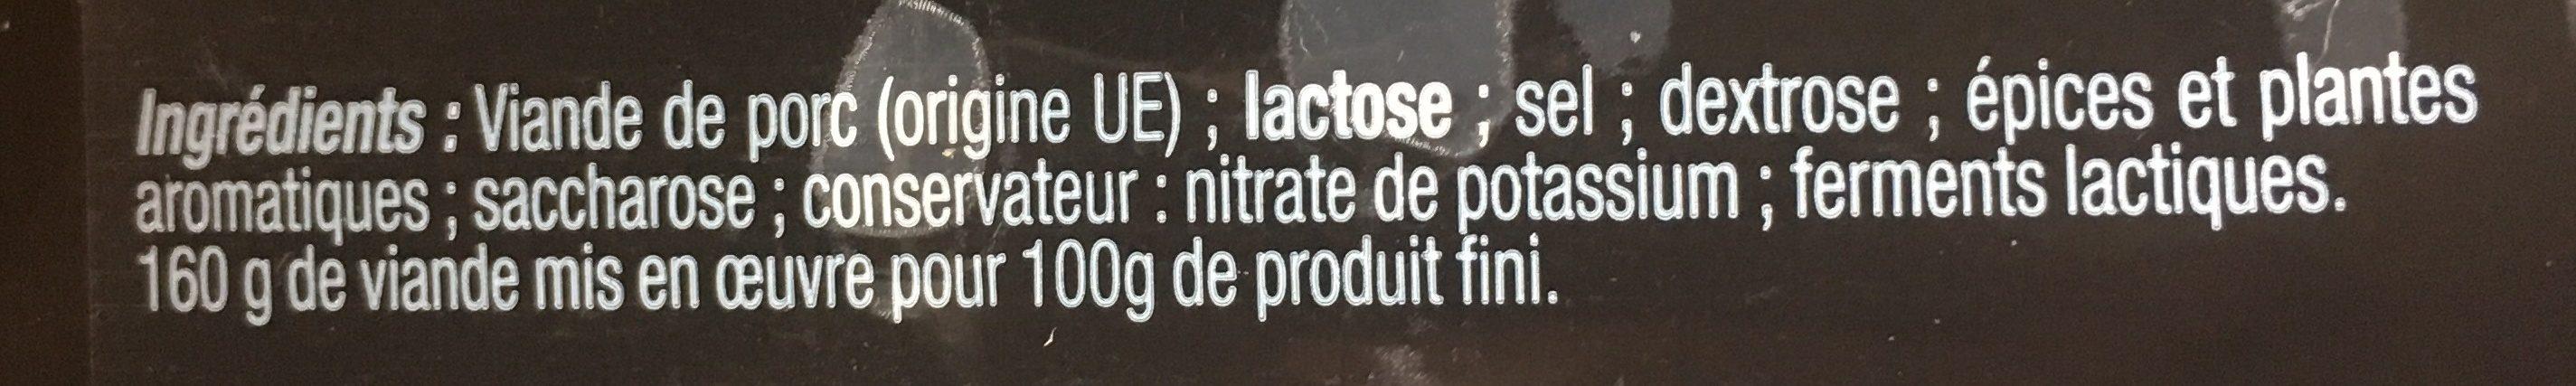 Savoureux tranchés - Ingredients - fr